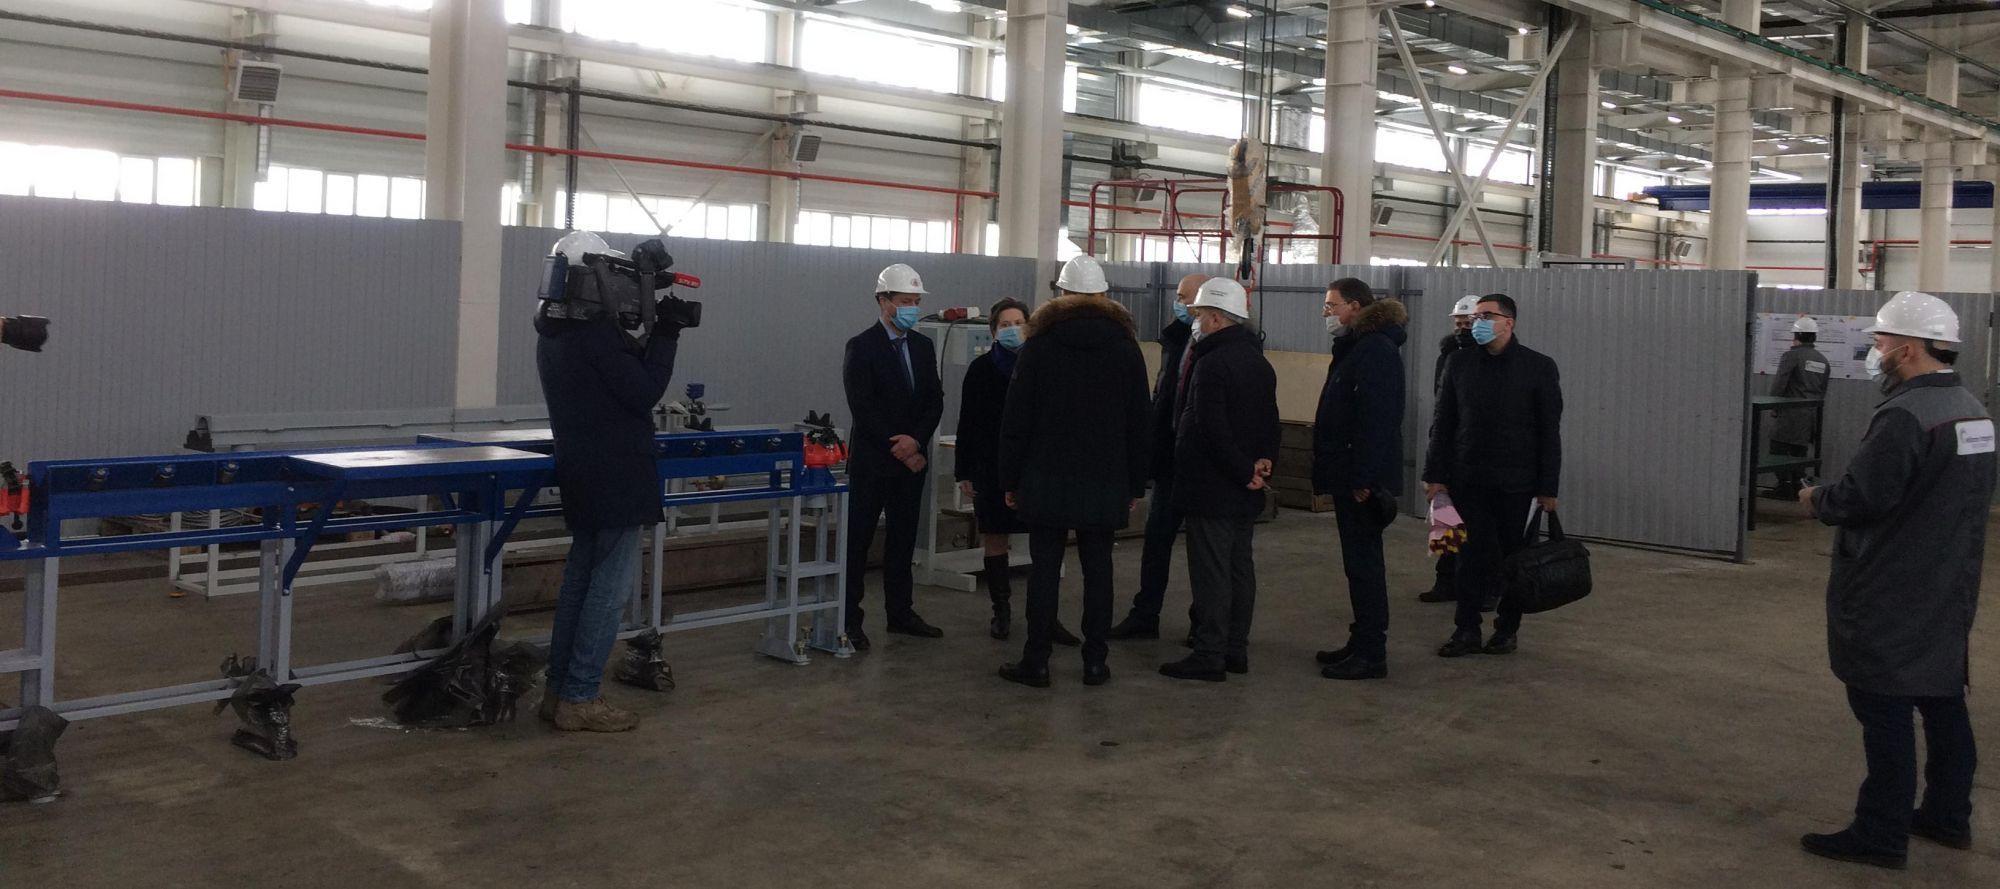 Губернатор ХМАО, Наталья Комарова, и мэр г. Сургута, Андрей Филатов посетили новую производственную базу компании Lex в индустриальном парке Югра